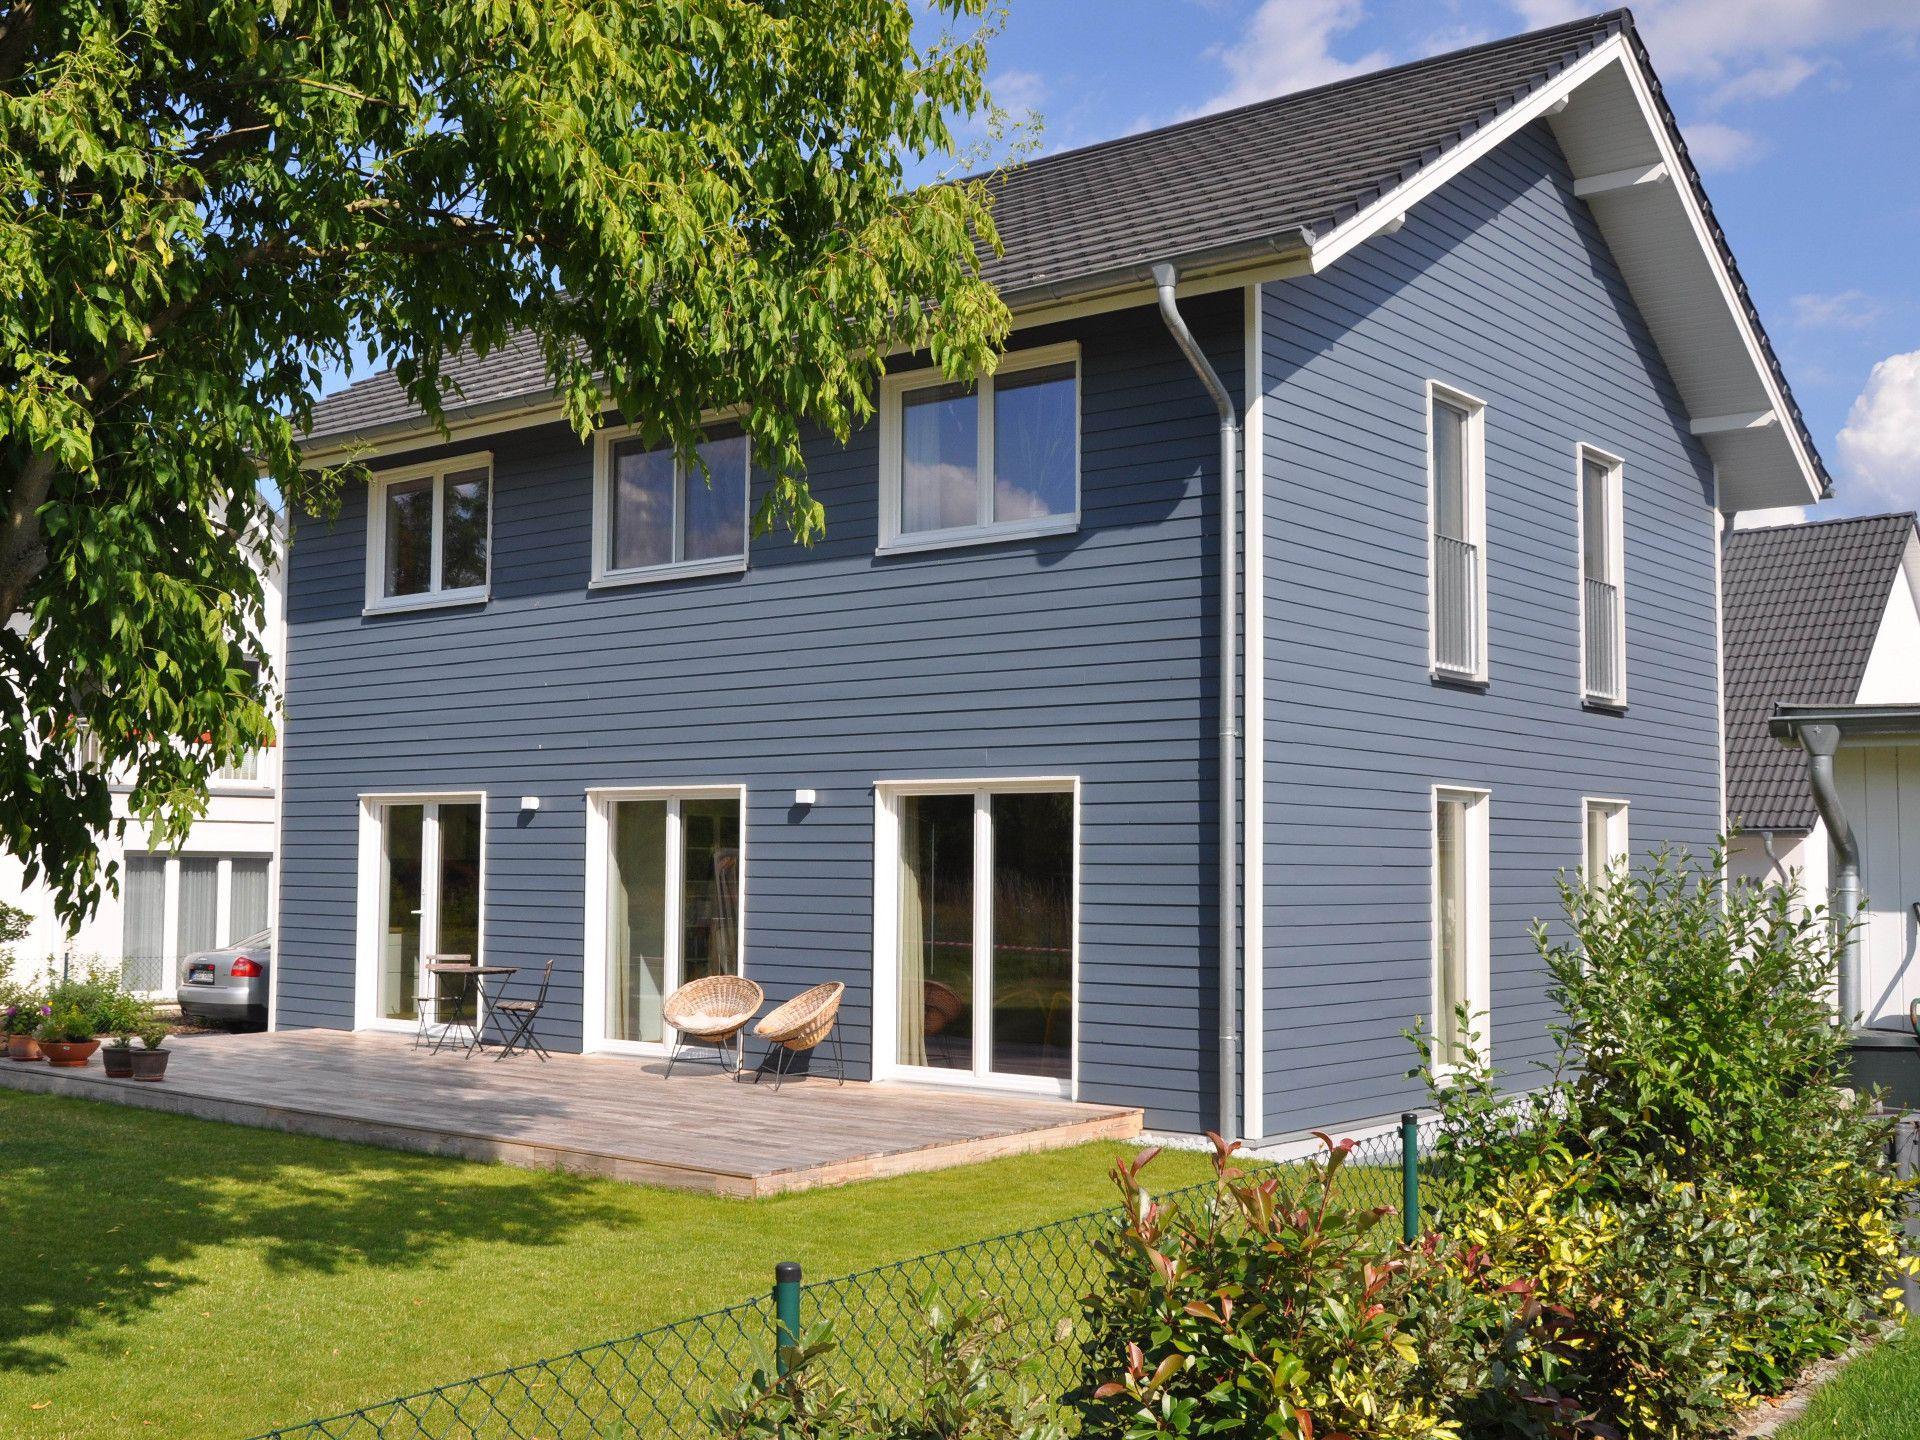 Marstrand Holzhaus • Stadthaus von Fjorborg Häuser • Individuell ...